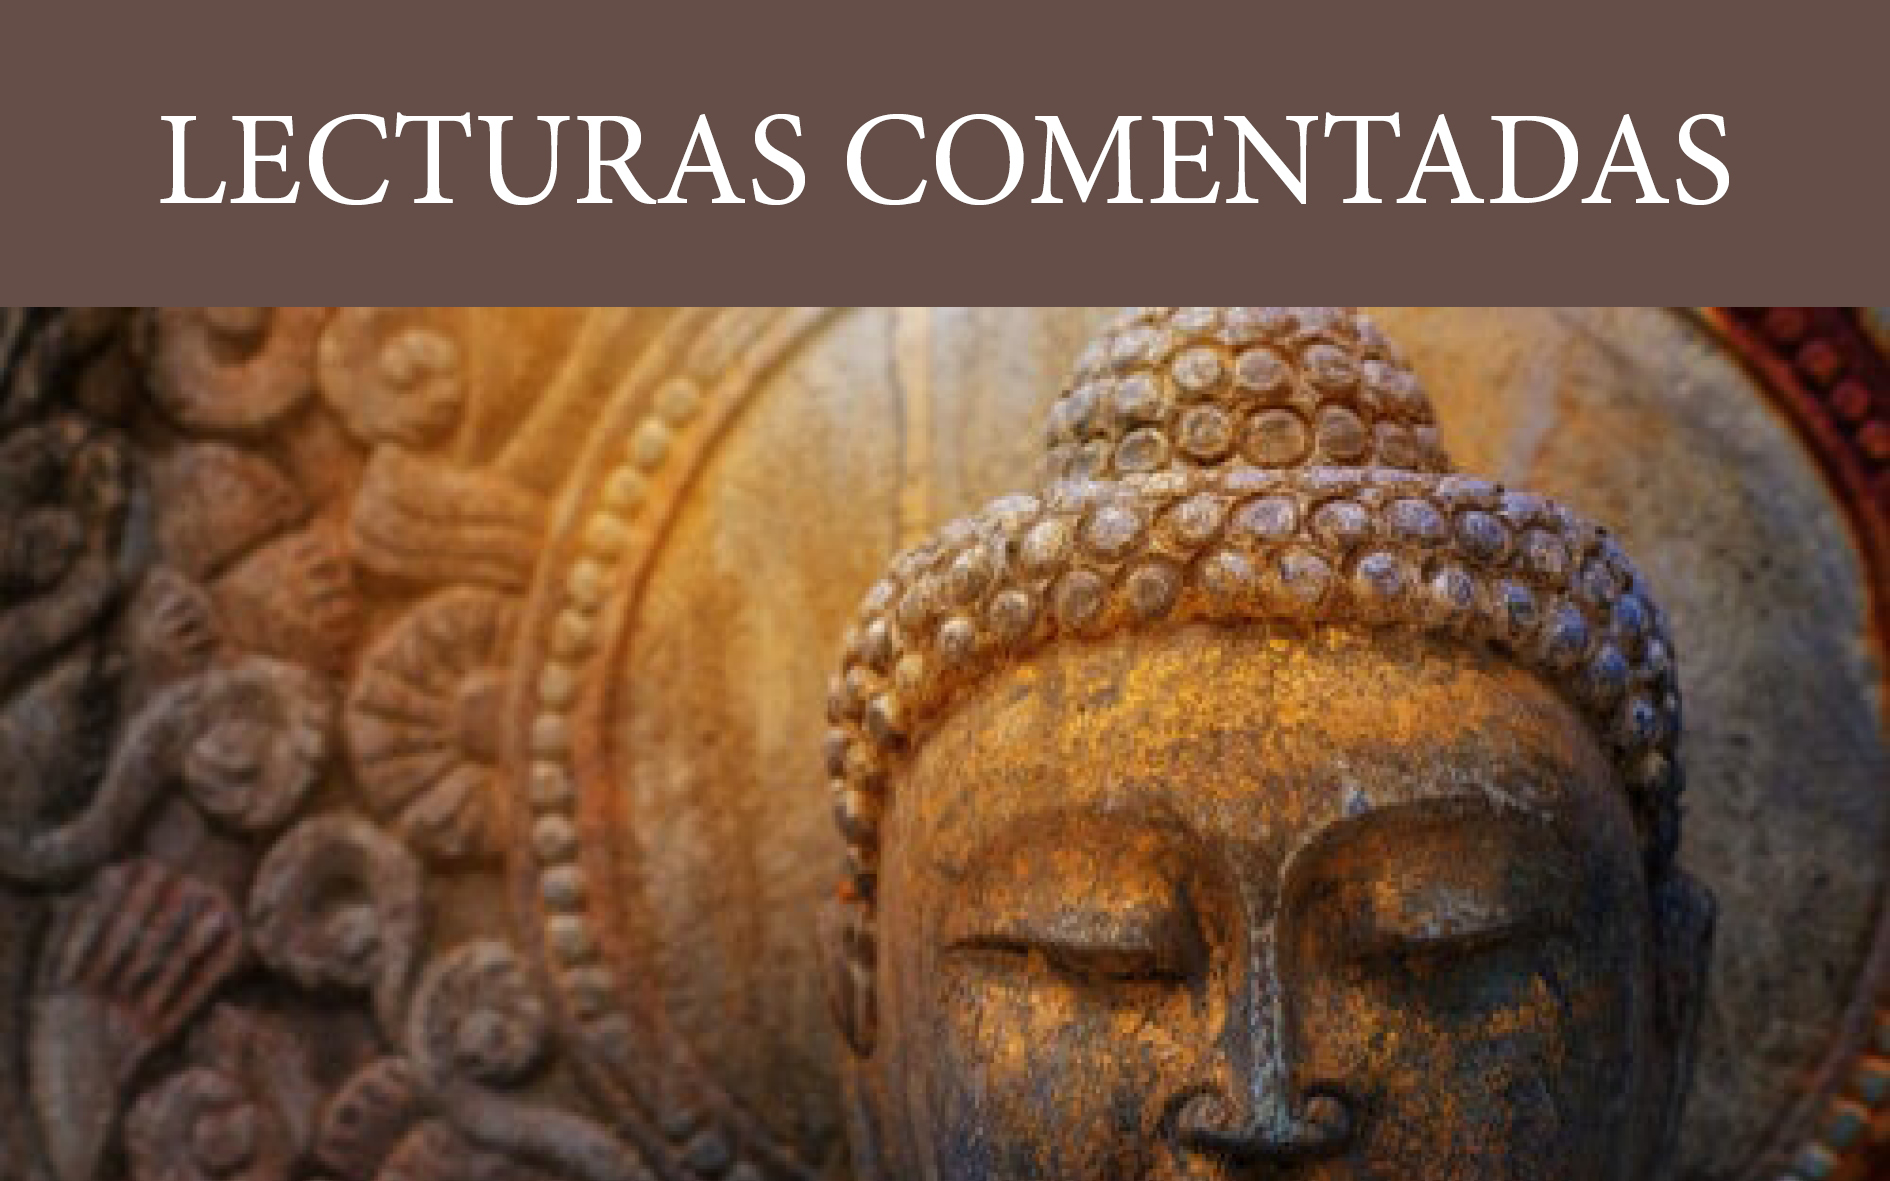 5. LECTURA COMENTADA: VERSOS SOBRE LA PERFECCIÓN DE LA SABIDURÍA.